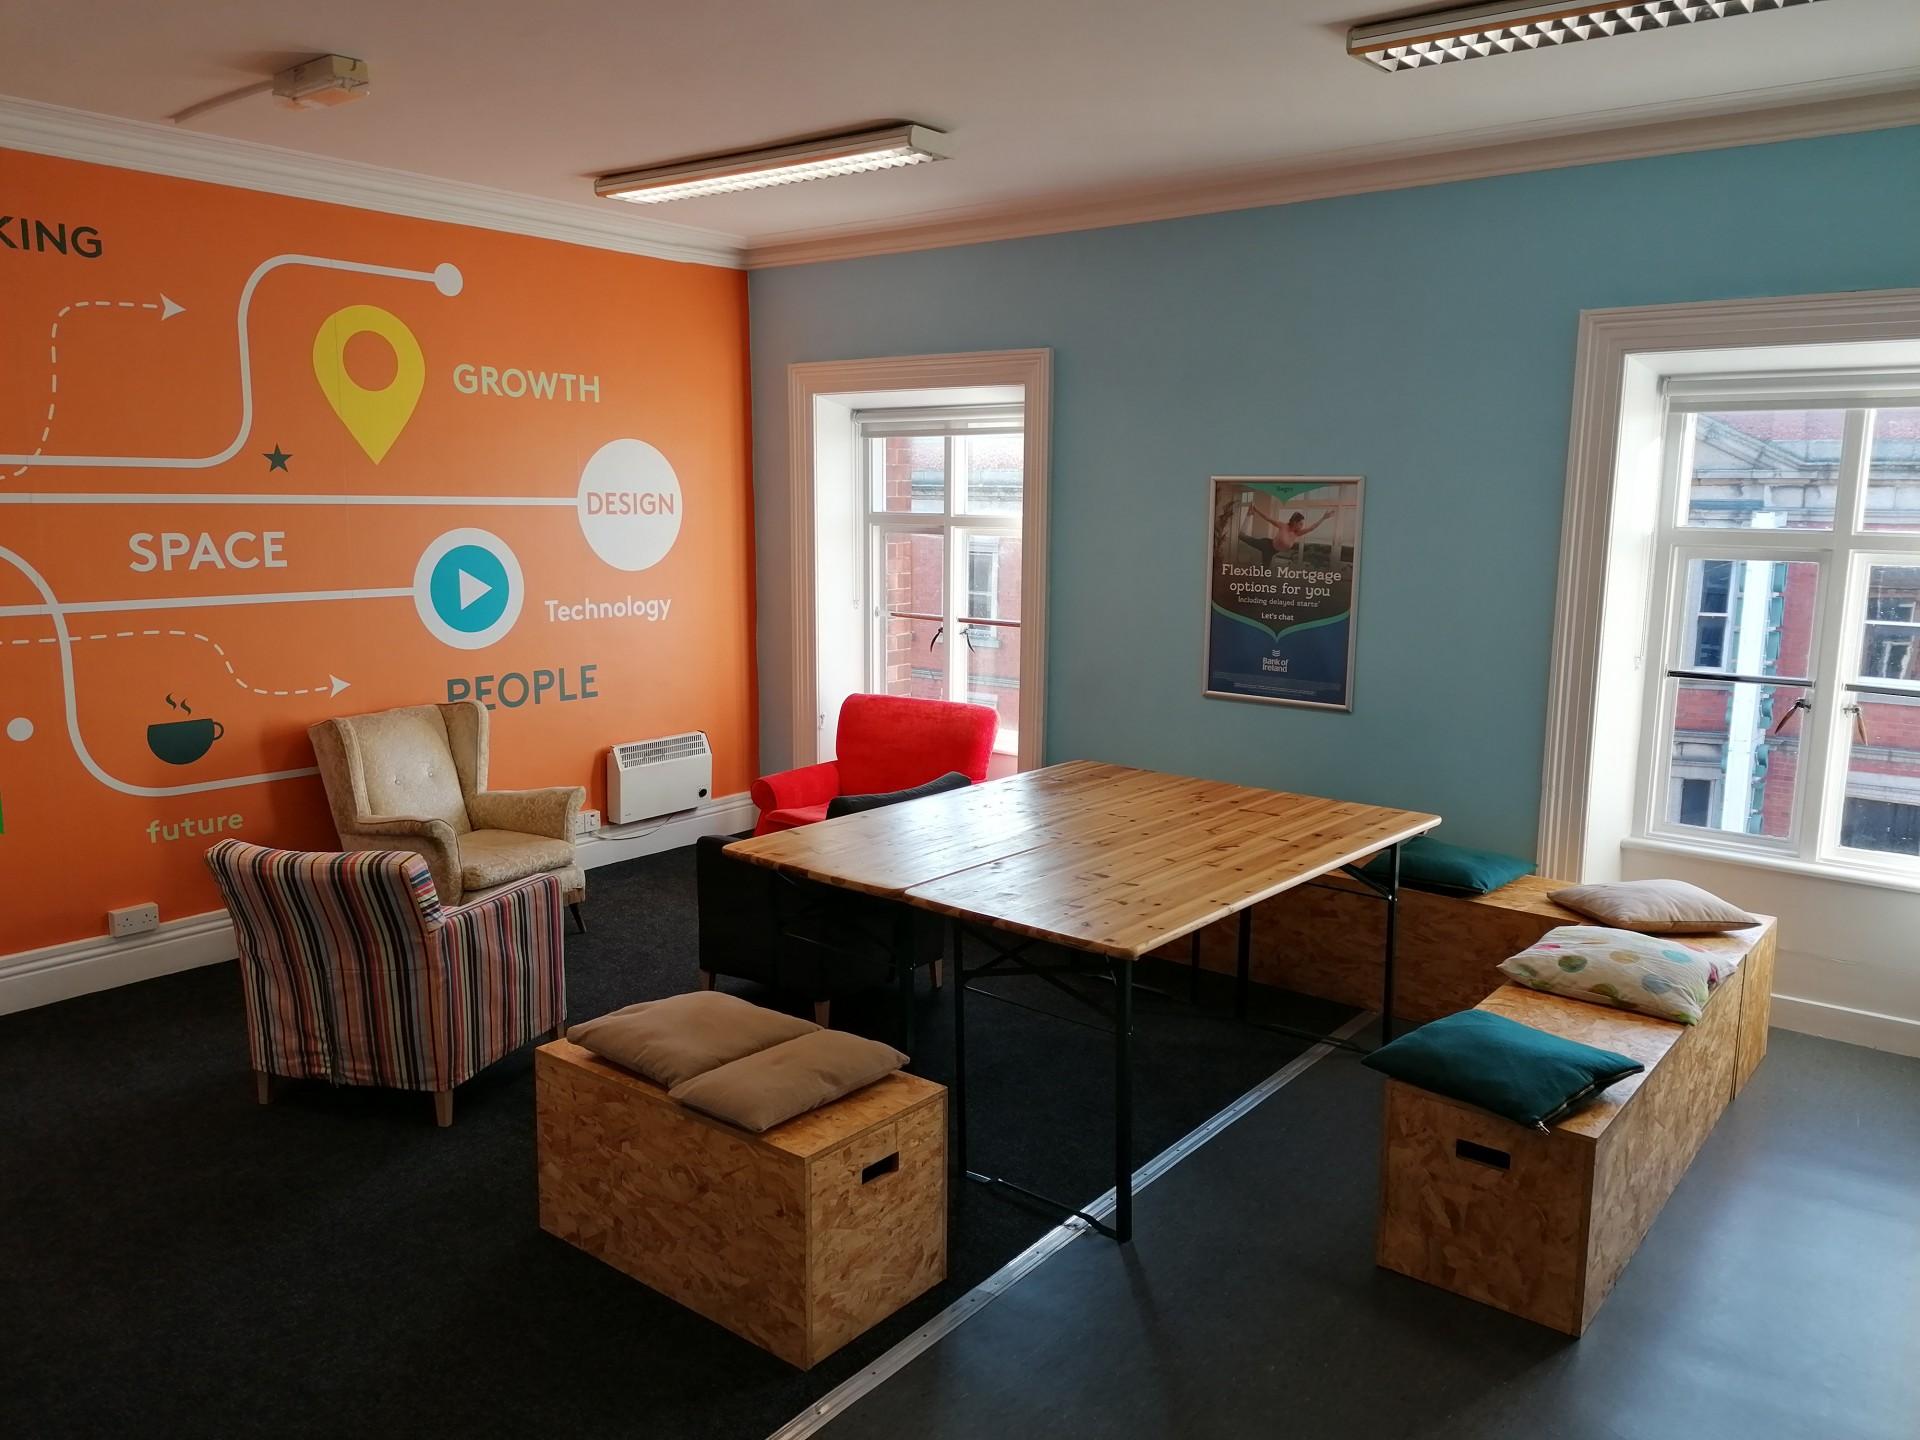 Dún Laoghaire Enterprise Centre - DigitalHQ